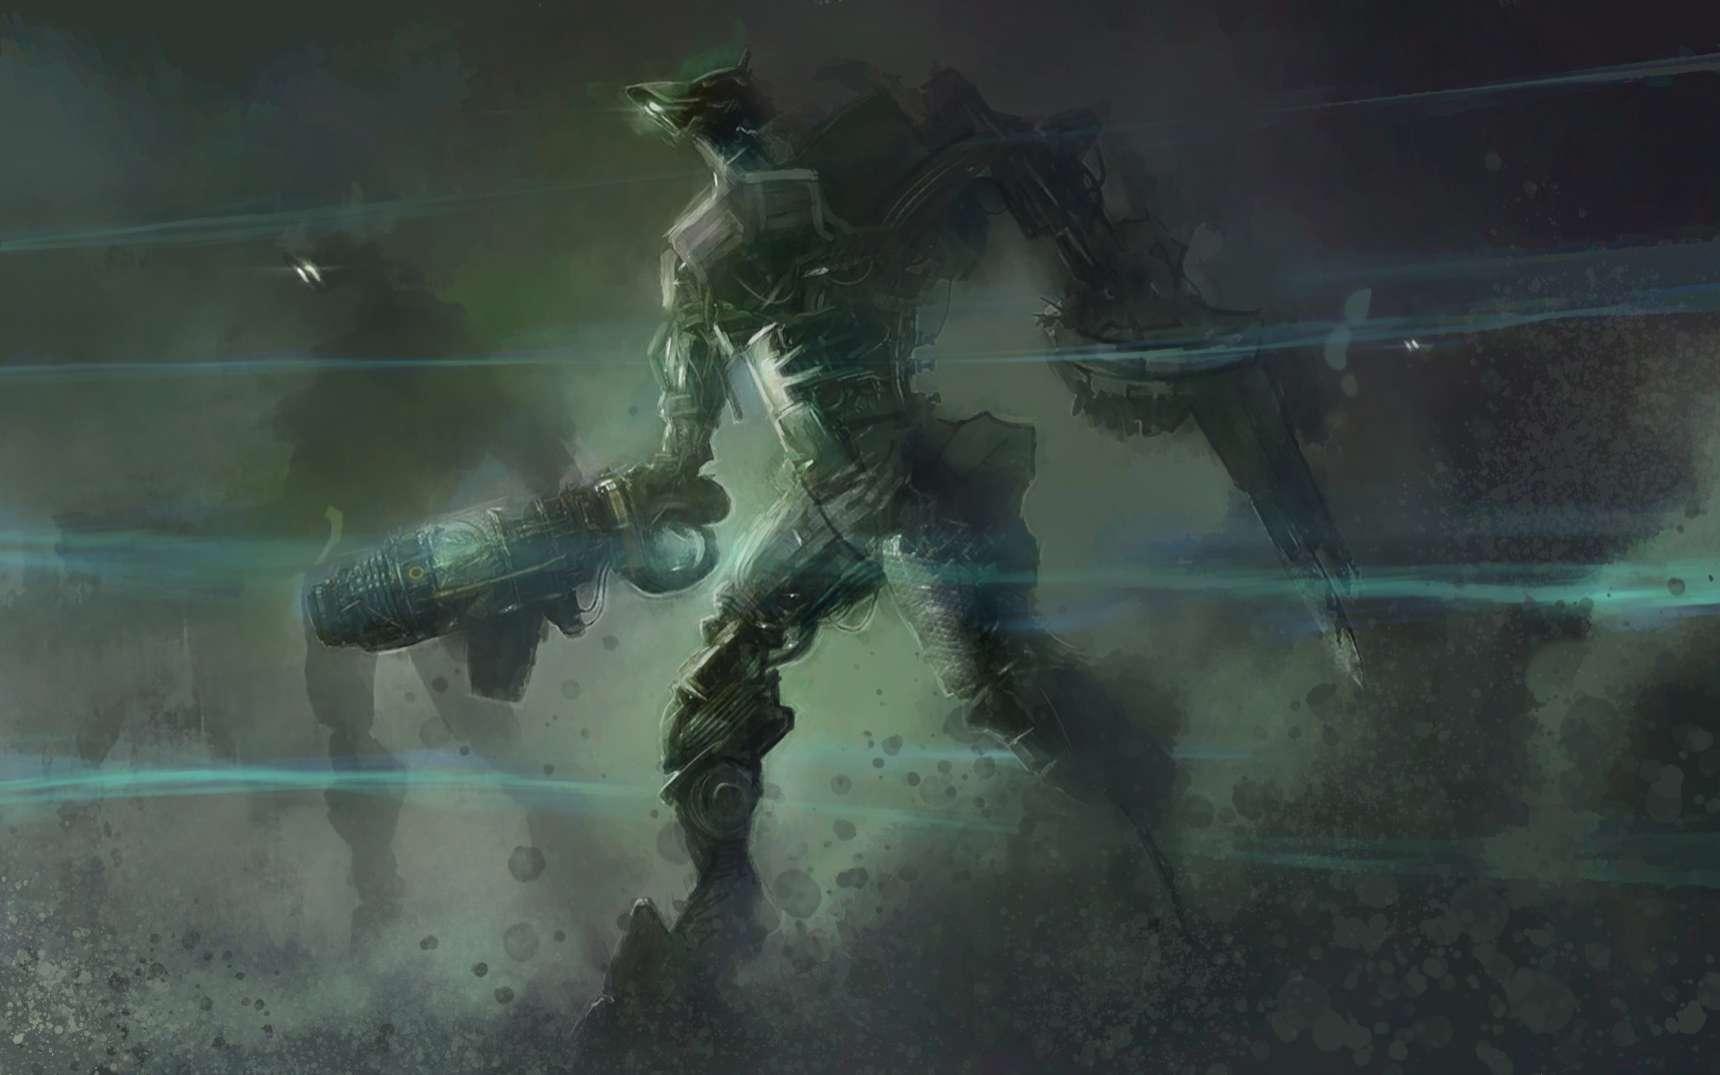 Le terribles robots de l'armée de Krikkets, armés jusqu'aux dents, parcourent l'Univers à la recherche des clefs leur permettant de libérer leurs terribles maîtres. © David Edwards, Adobe Stock